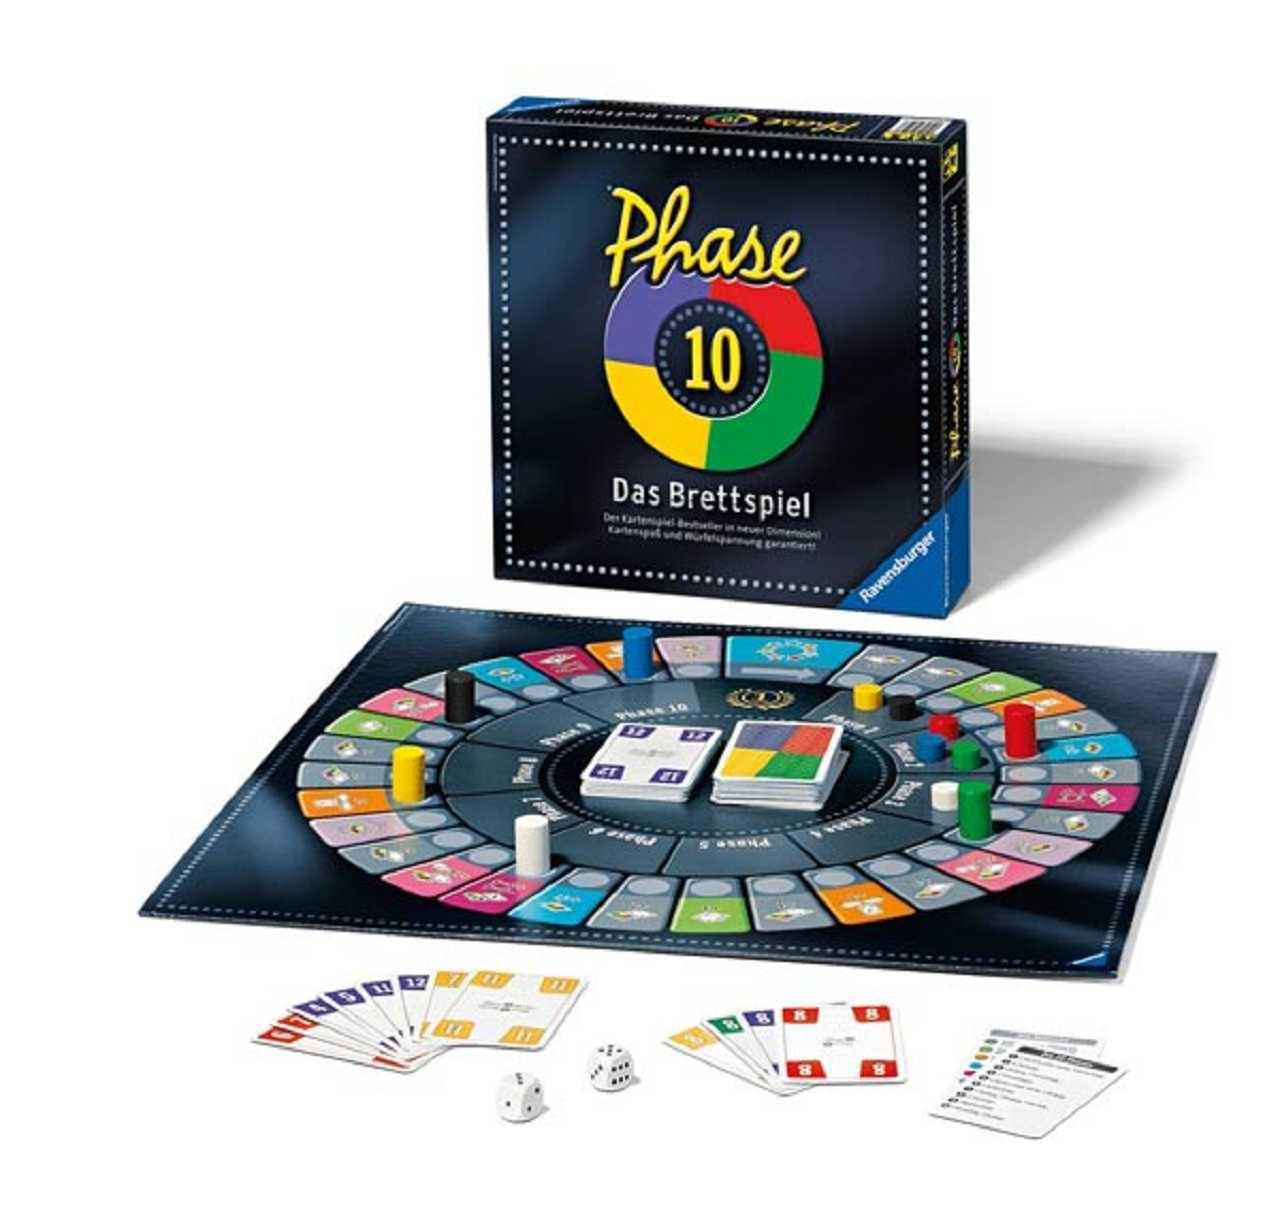 Phase 10 Brettspiel für 9,99€ (bundesweit beim Textildiscounter)